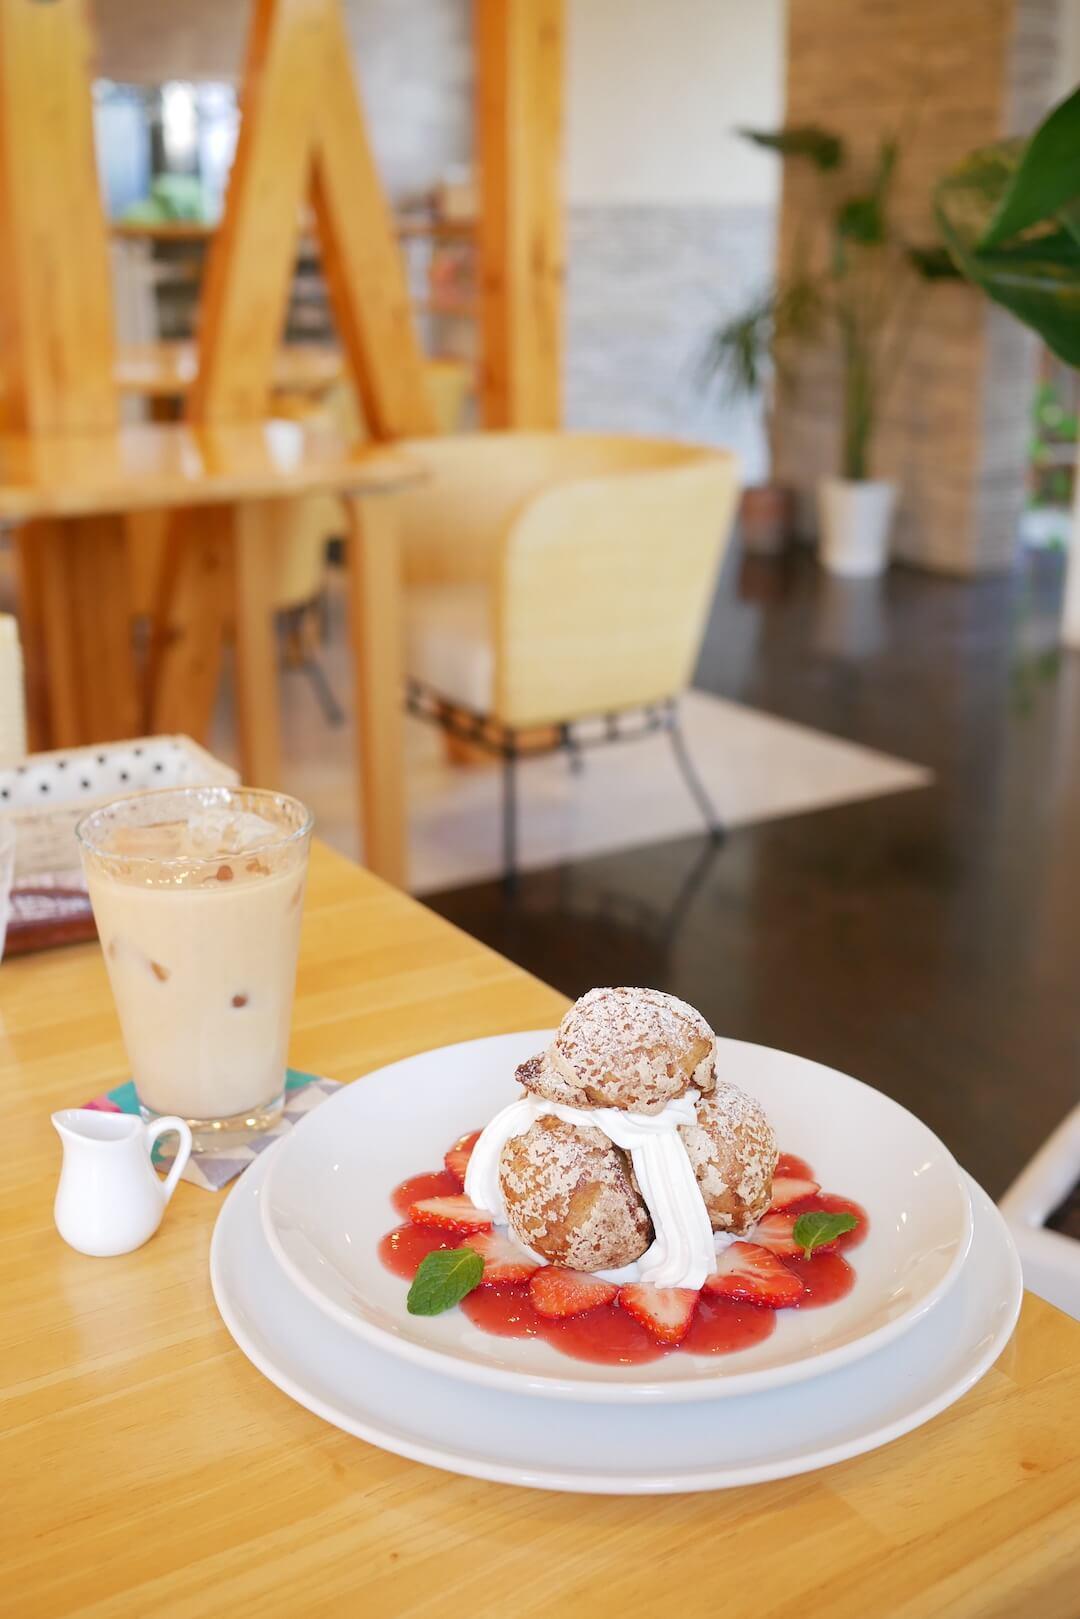 【岐阜市】CHUBBY cafe dessert(チャビーカフェデセール)岐阜カフェ スイーツ シュークリーム いちご 洋菓子